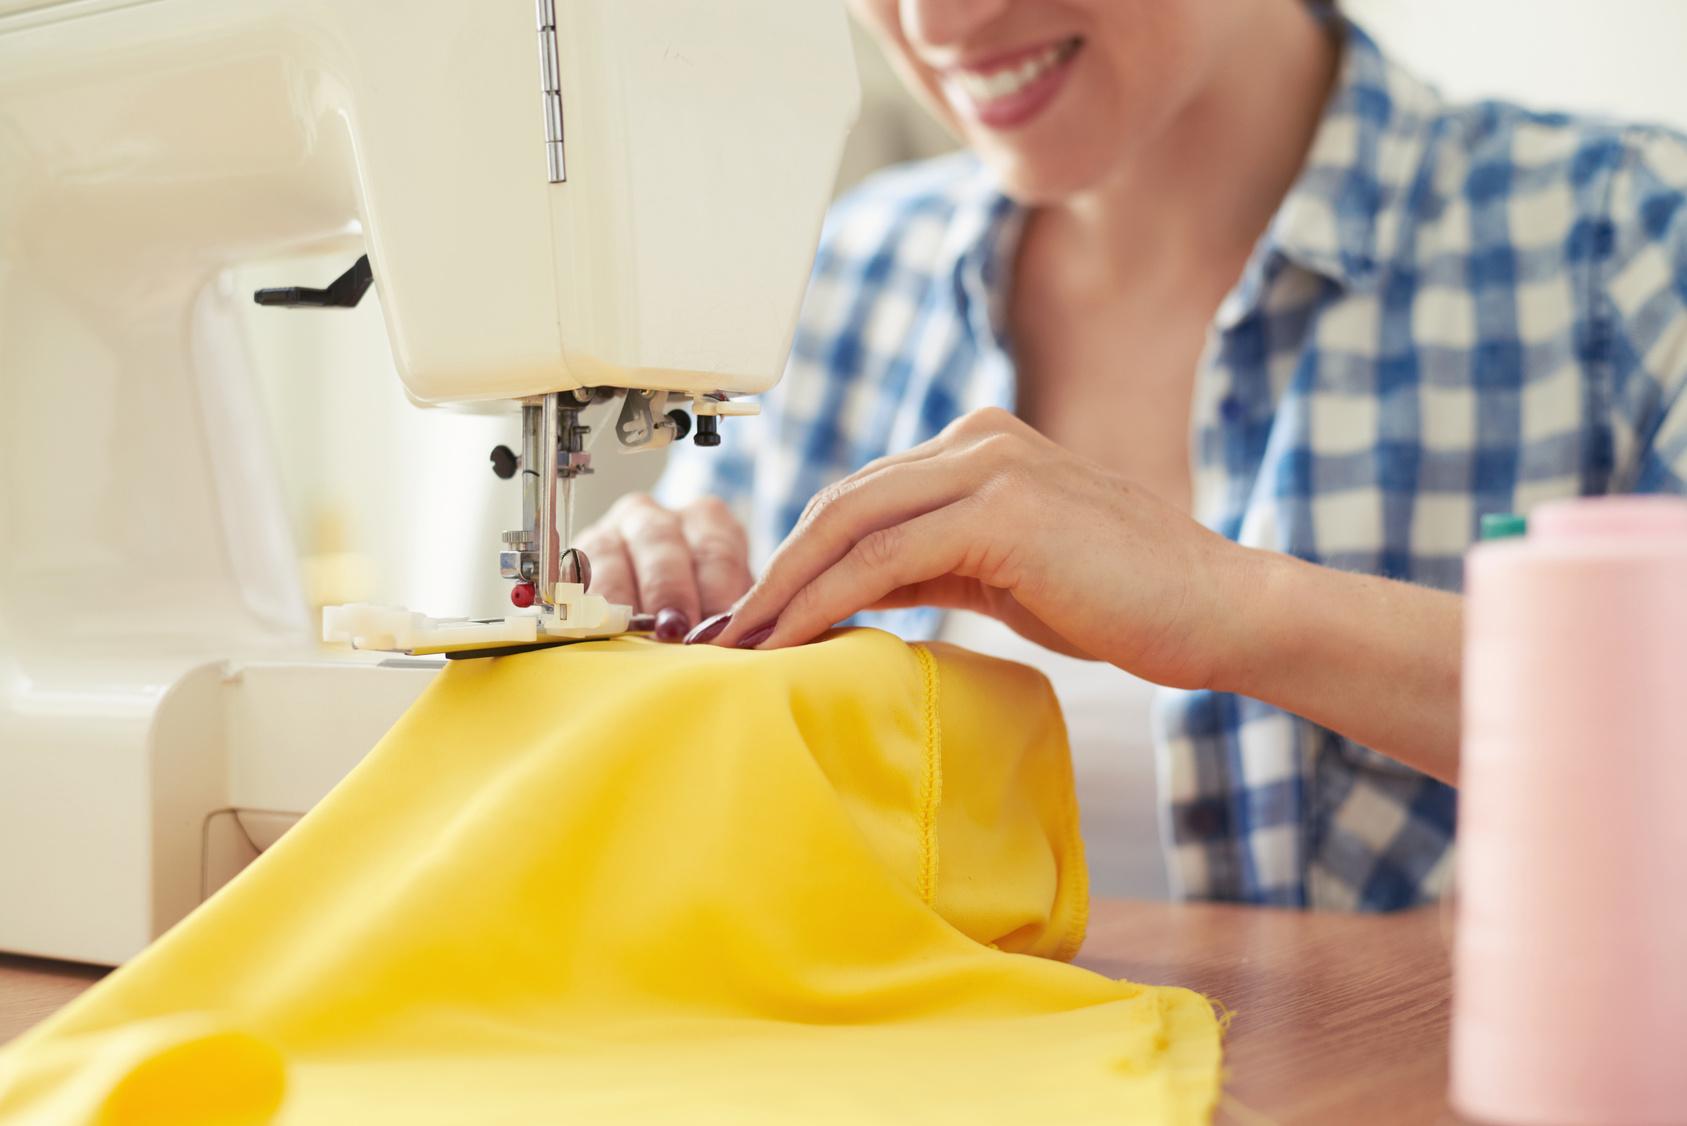 ricambi macchine da cucire Viareggio